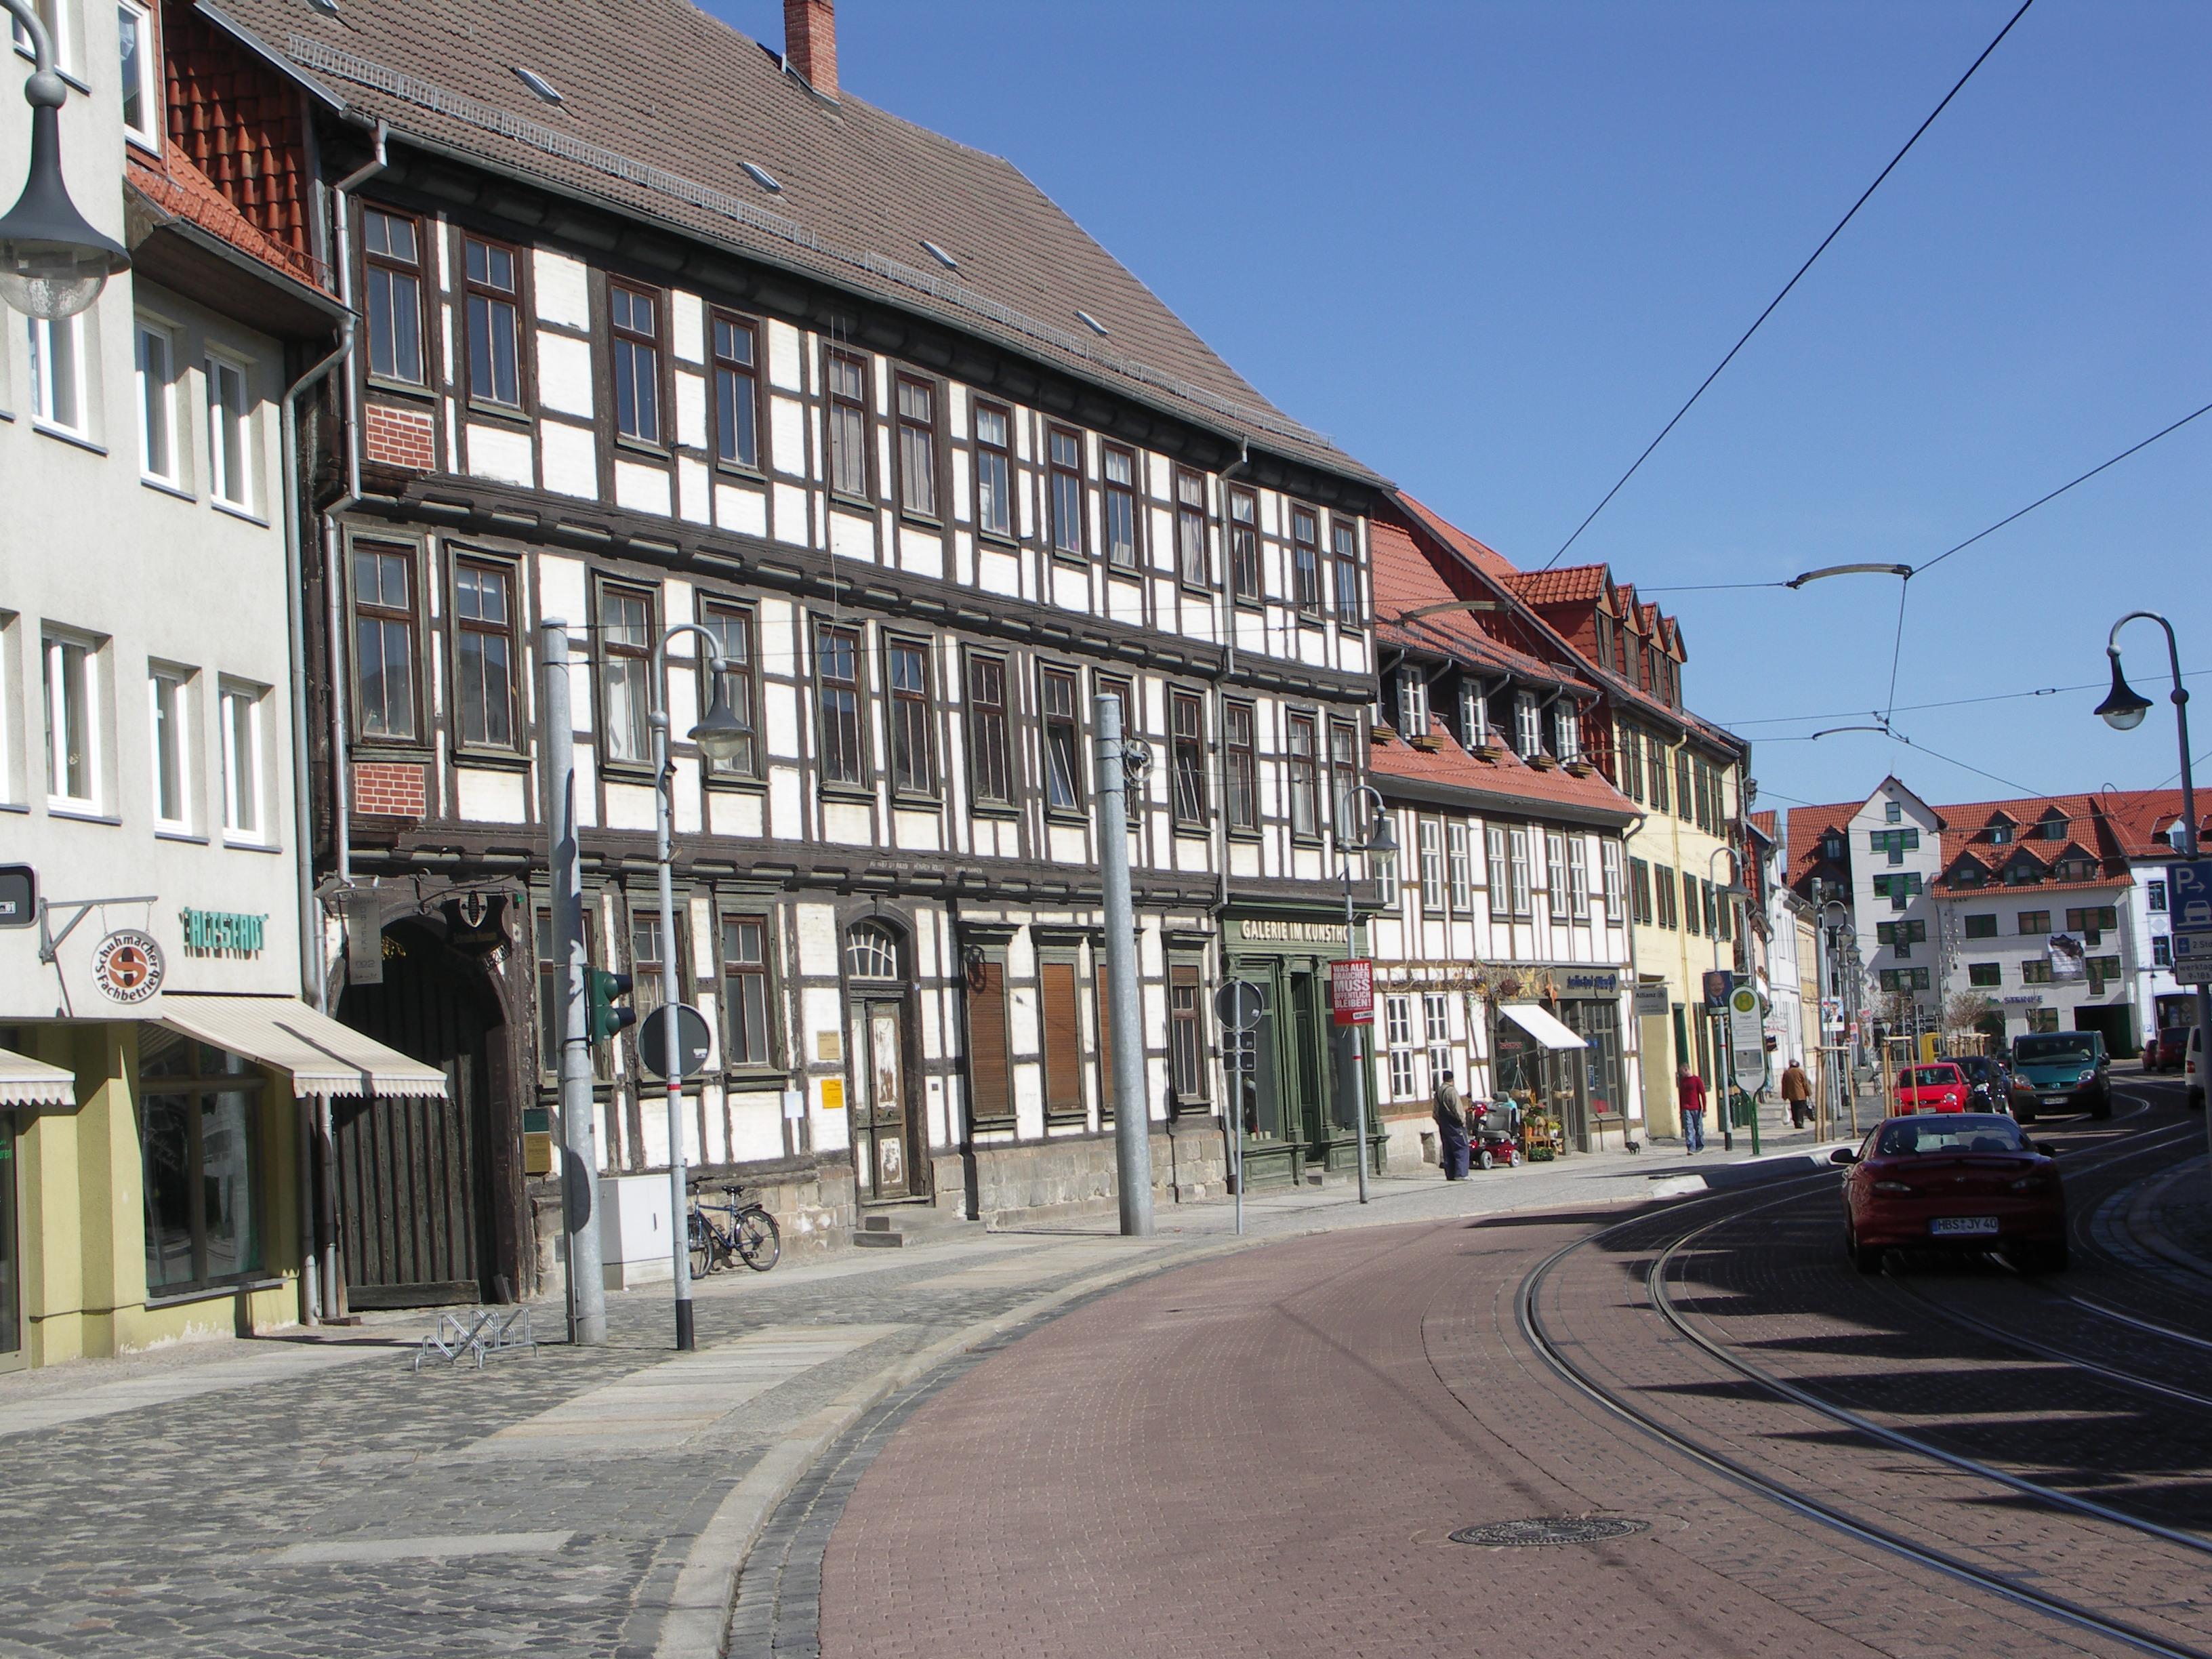 Im Hintergebäude dieses alten Ackerbürgerhauses in der Voigtei in Halberstadt befindet sich das Schraube- Museum. Wohnkultur um 1900